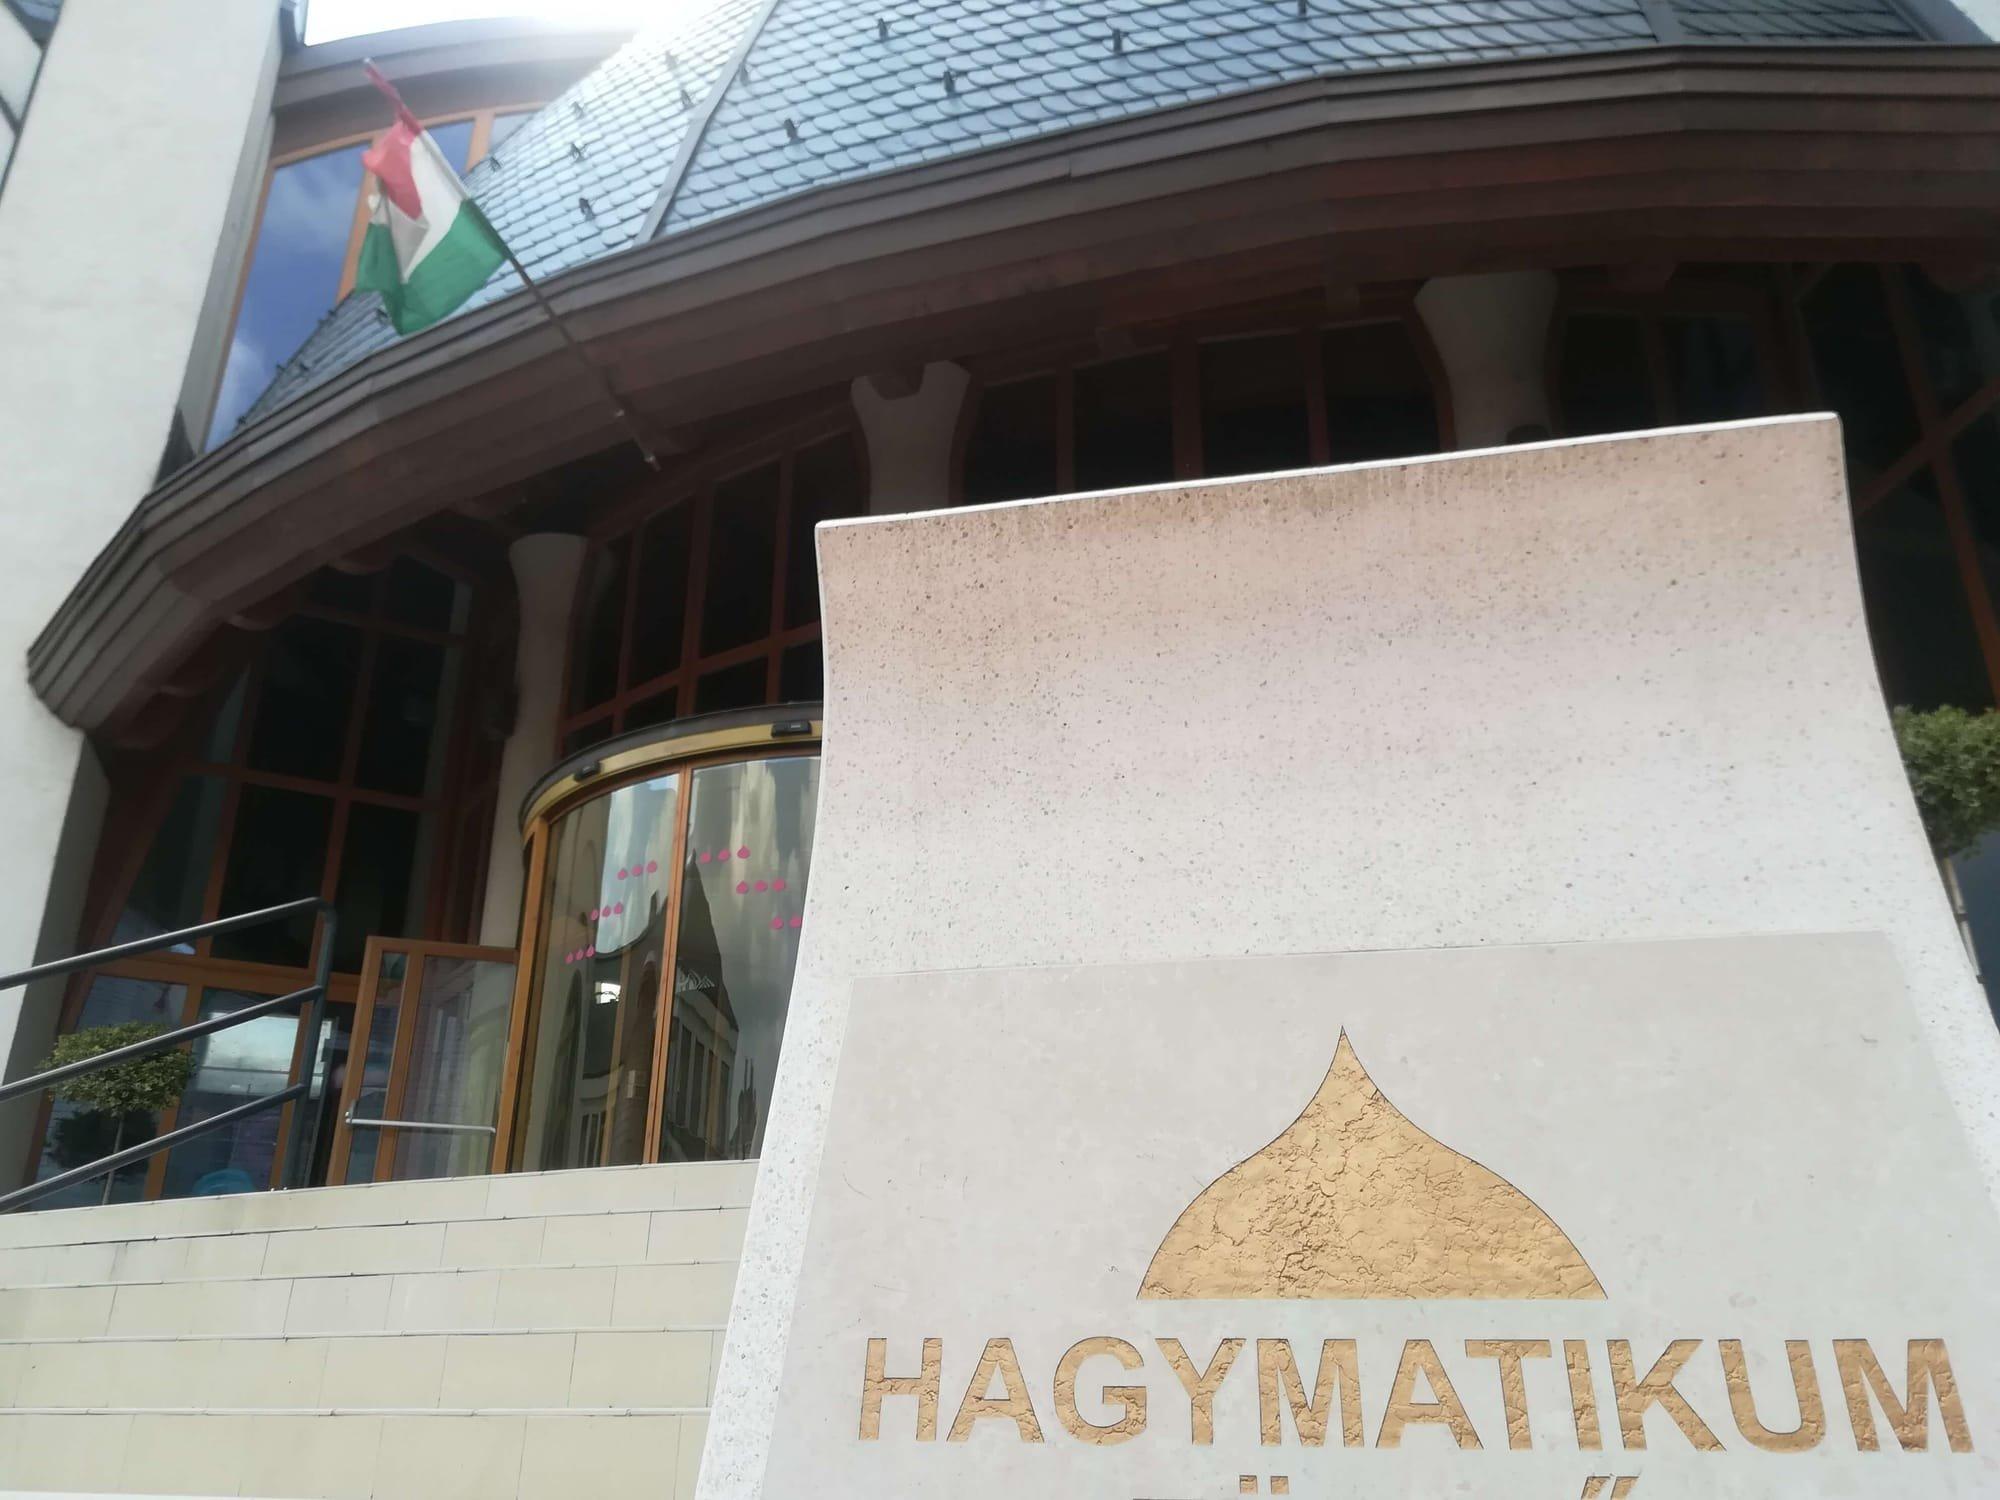 HAGYMATIKUM MAKO